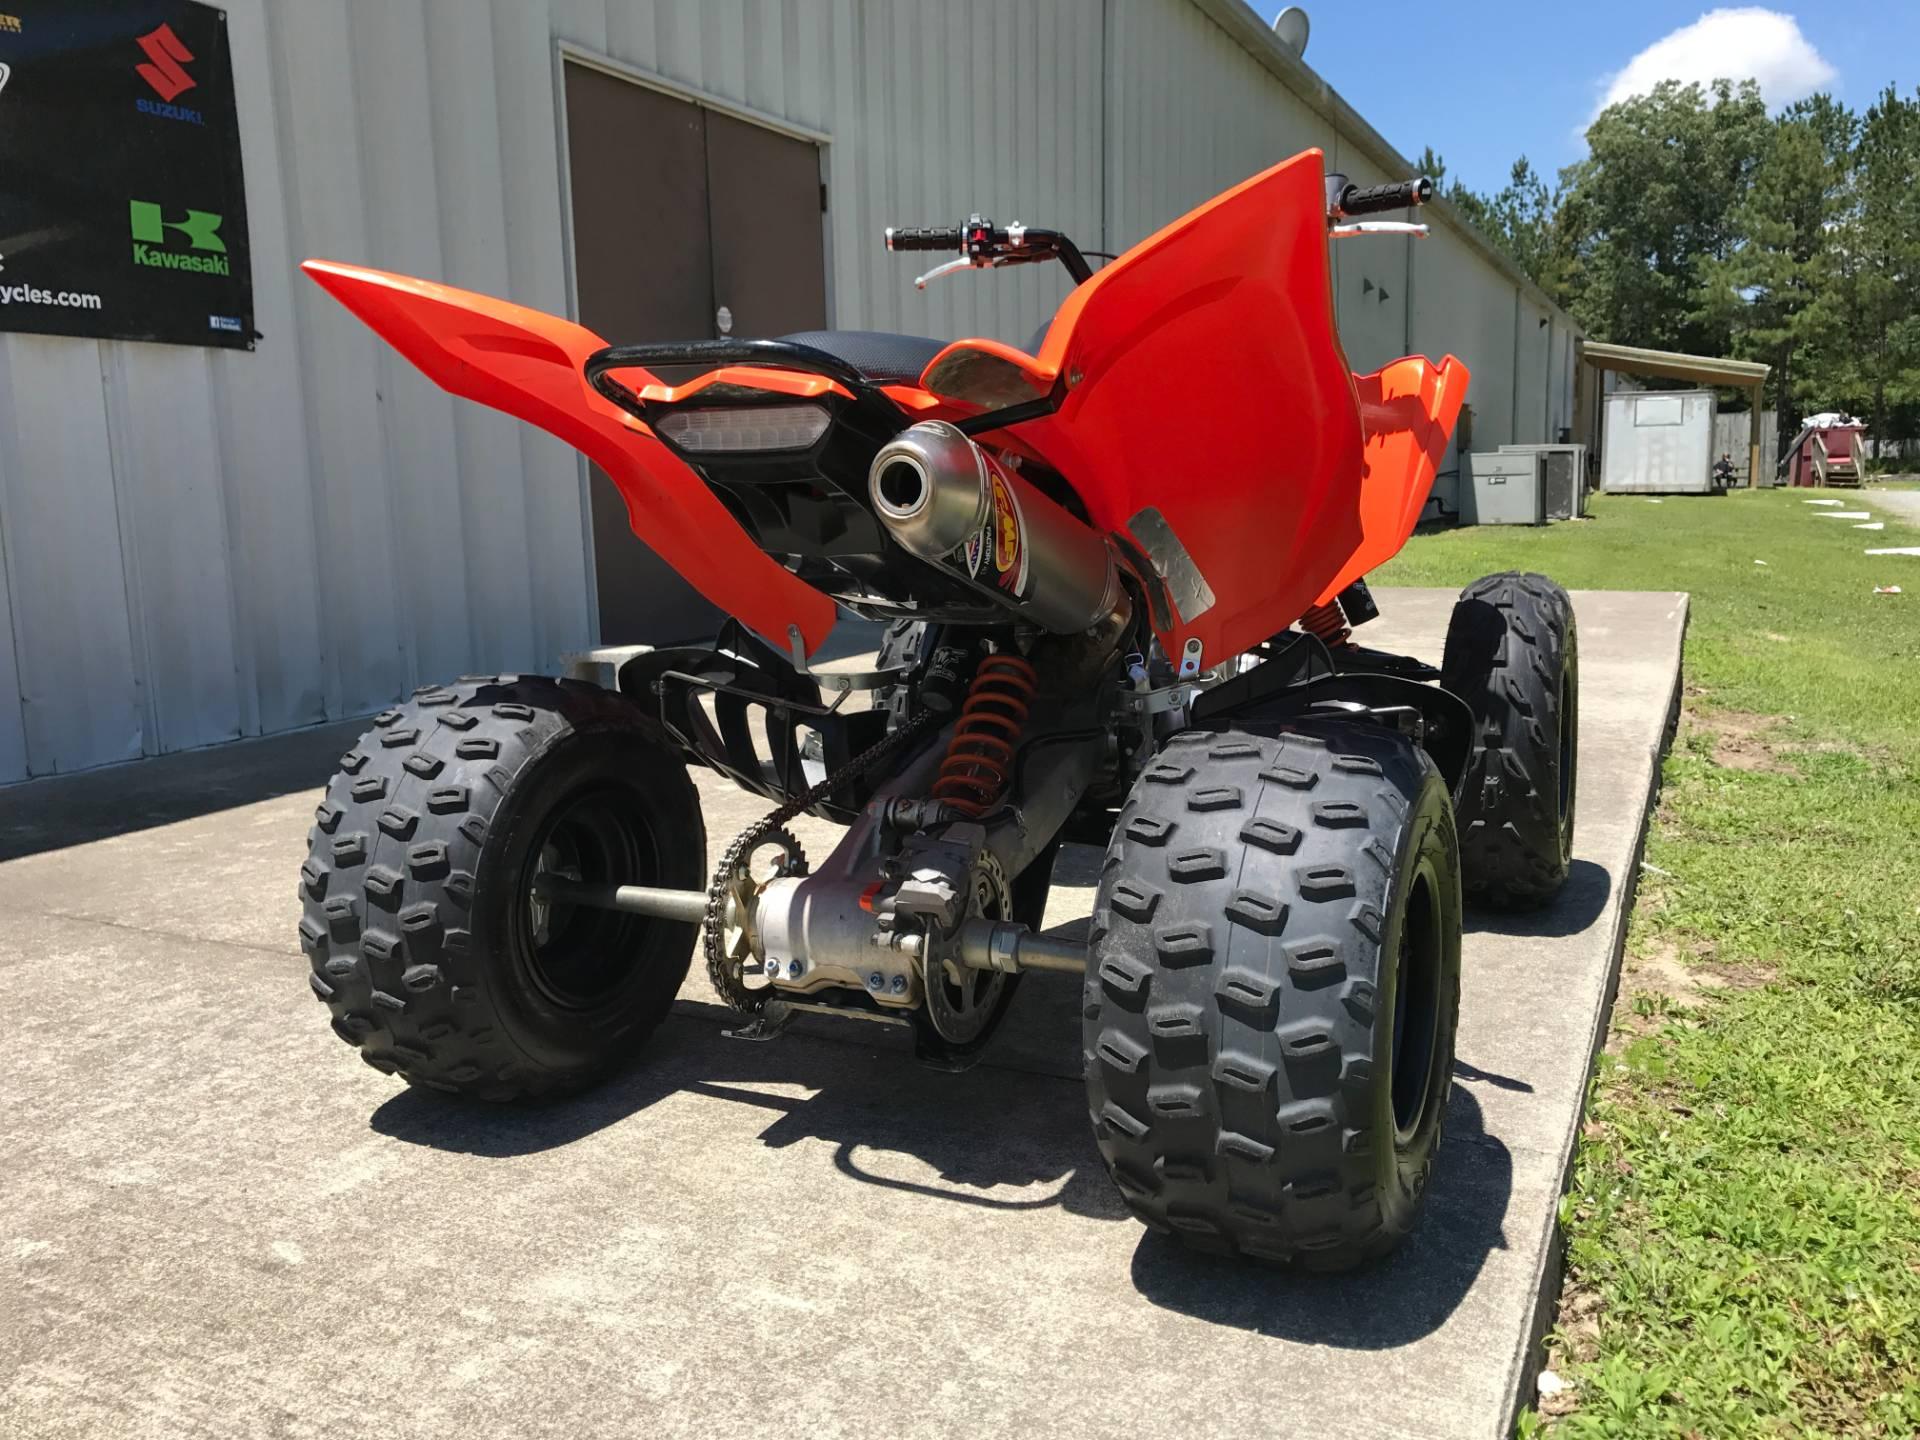 2017 Yamaha Raptor 700 9